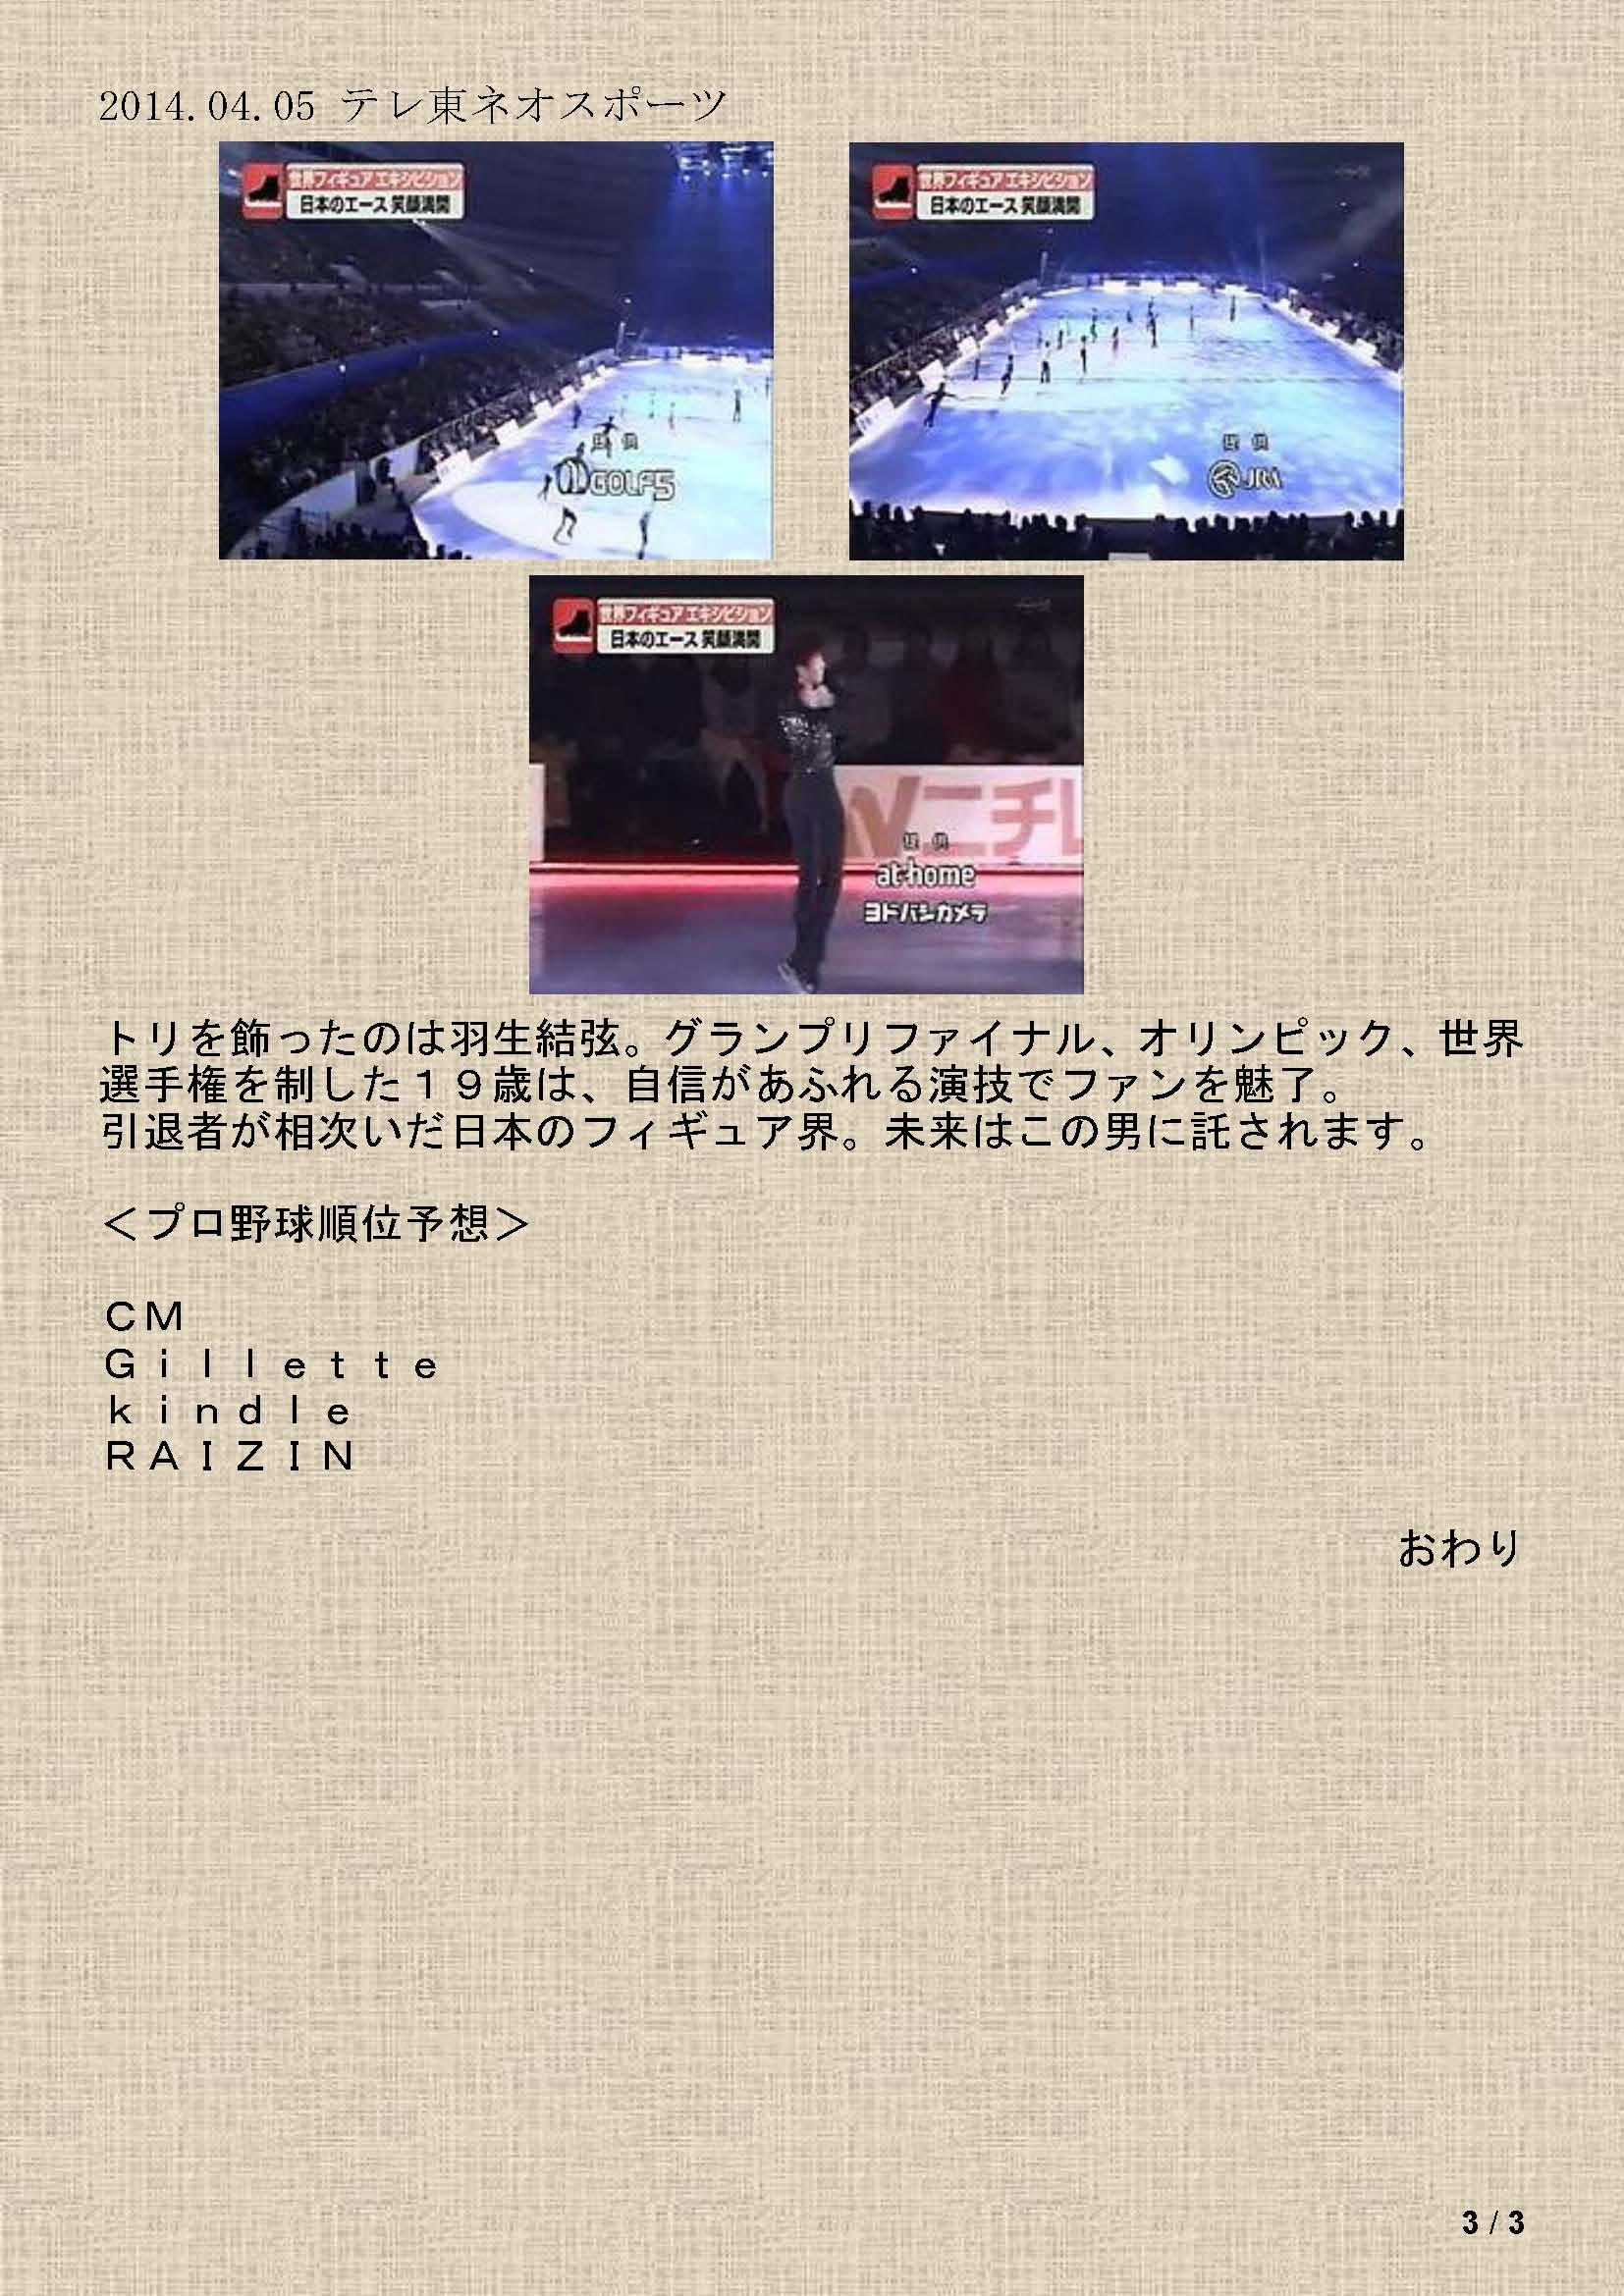 2014.04.05 テレ東ネオスポーツ(羽生:エキシビション)_ページ_3